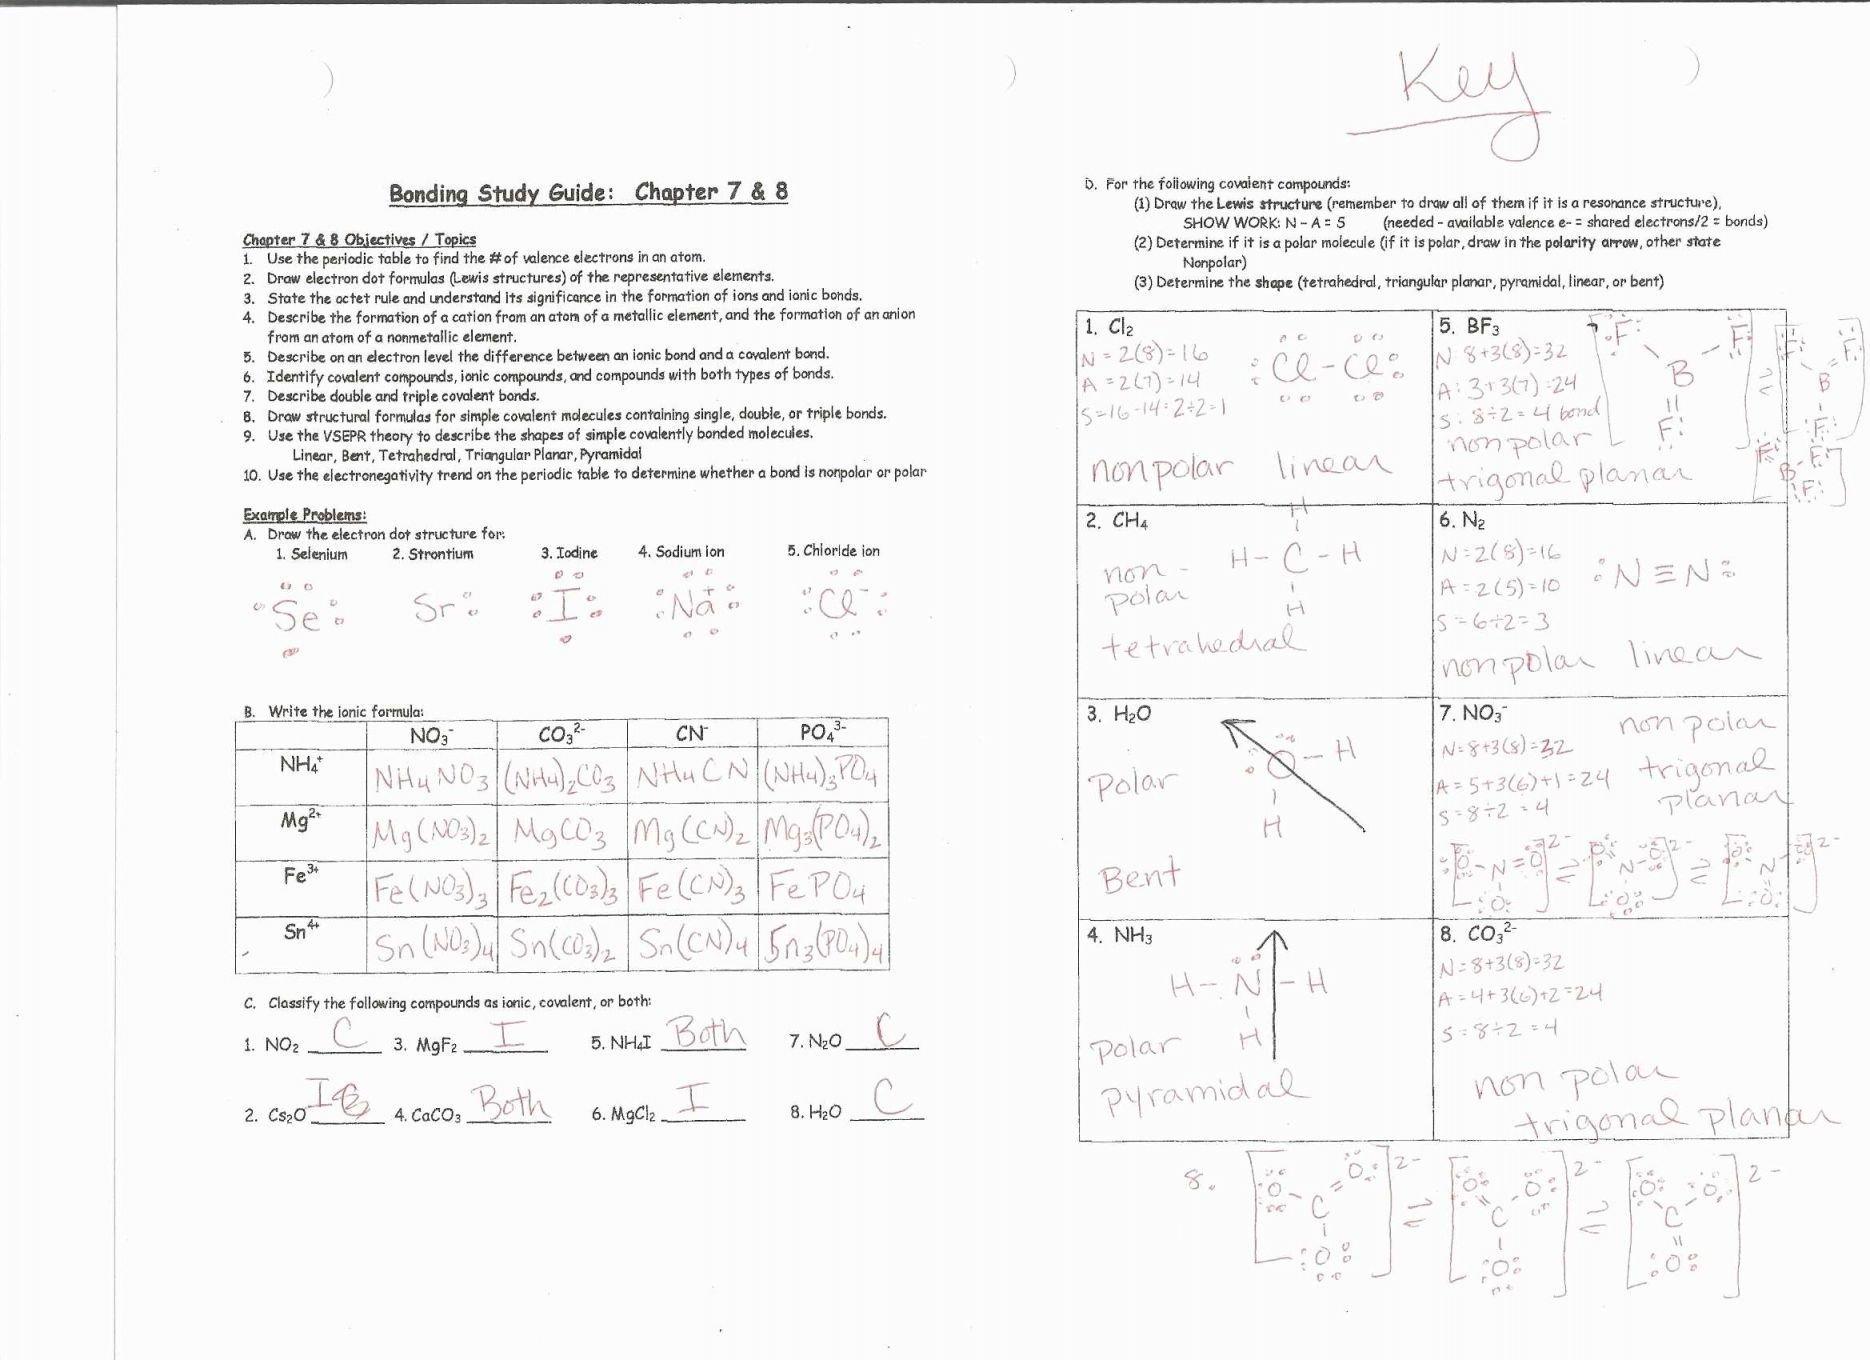 Balancing Chemical Equations Worksheet 2 Classifying Chemical With Balancing Chemical Equations Worksheet 2 Classifying Chemical Reactions Answers